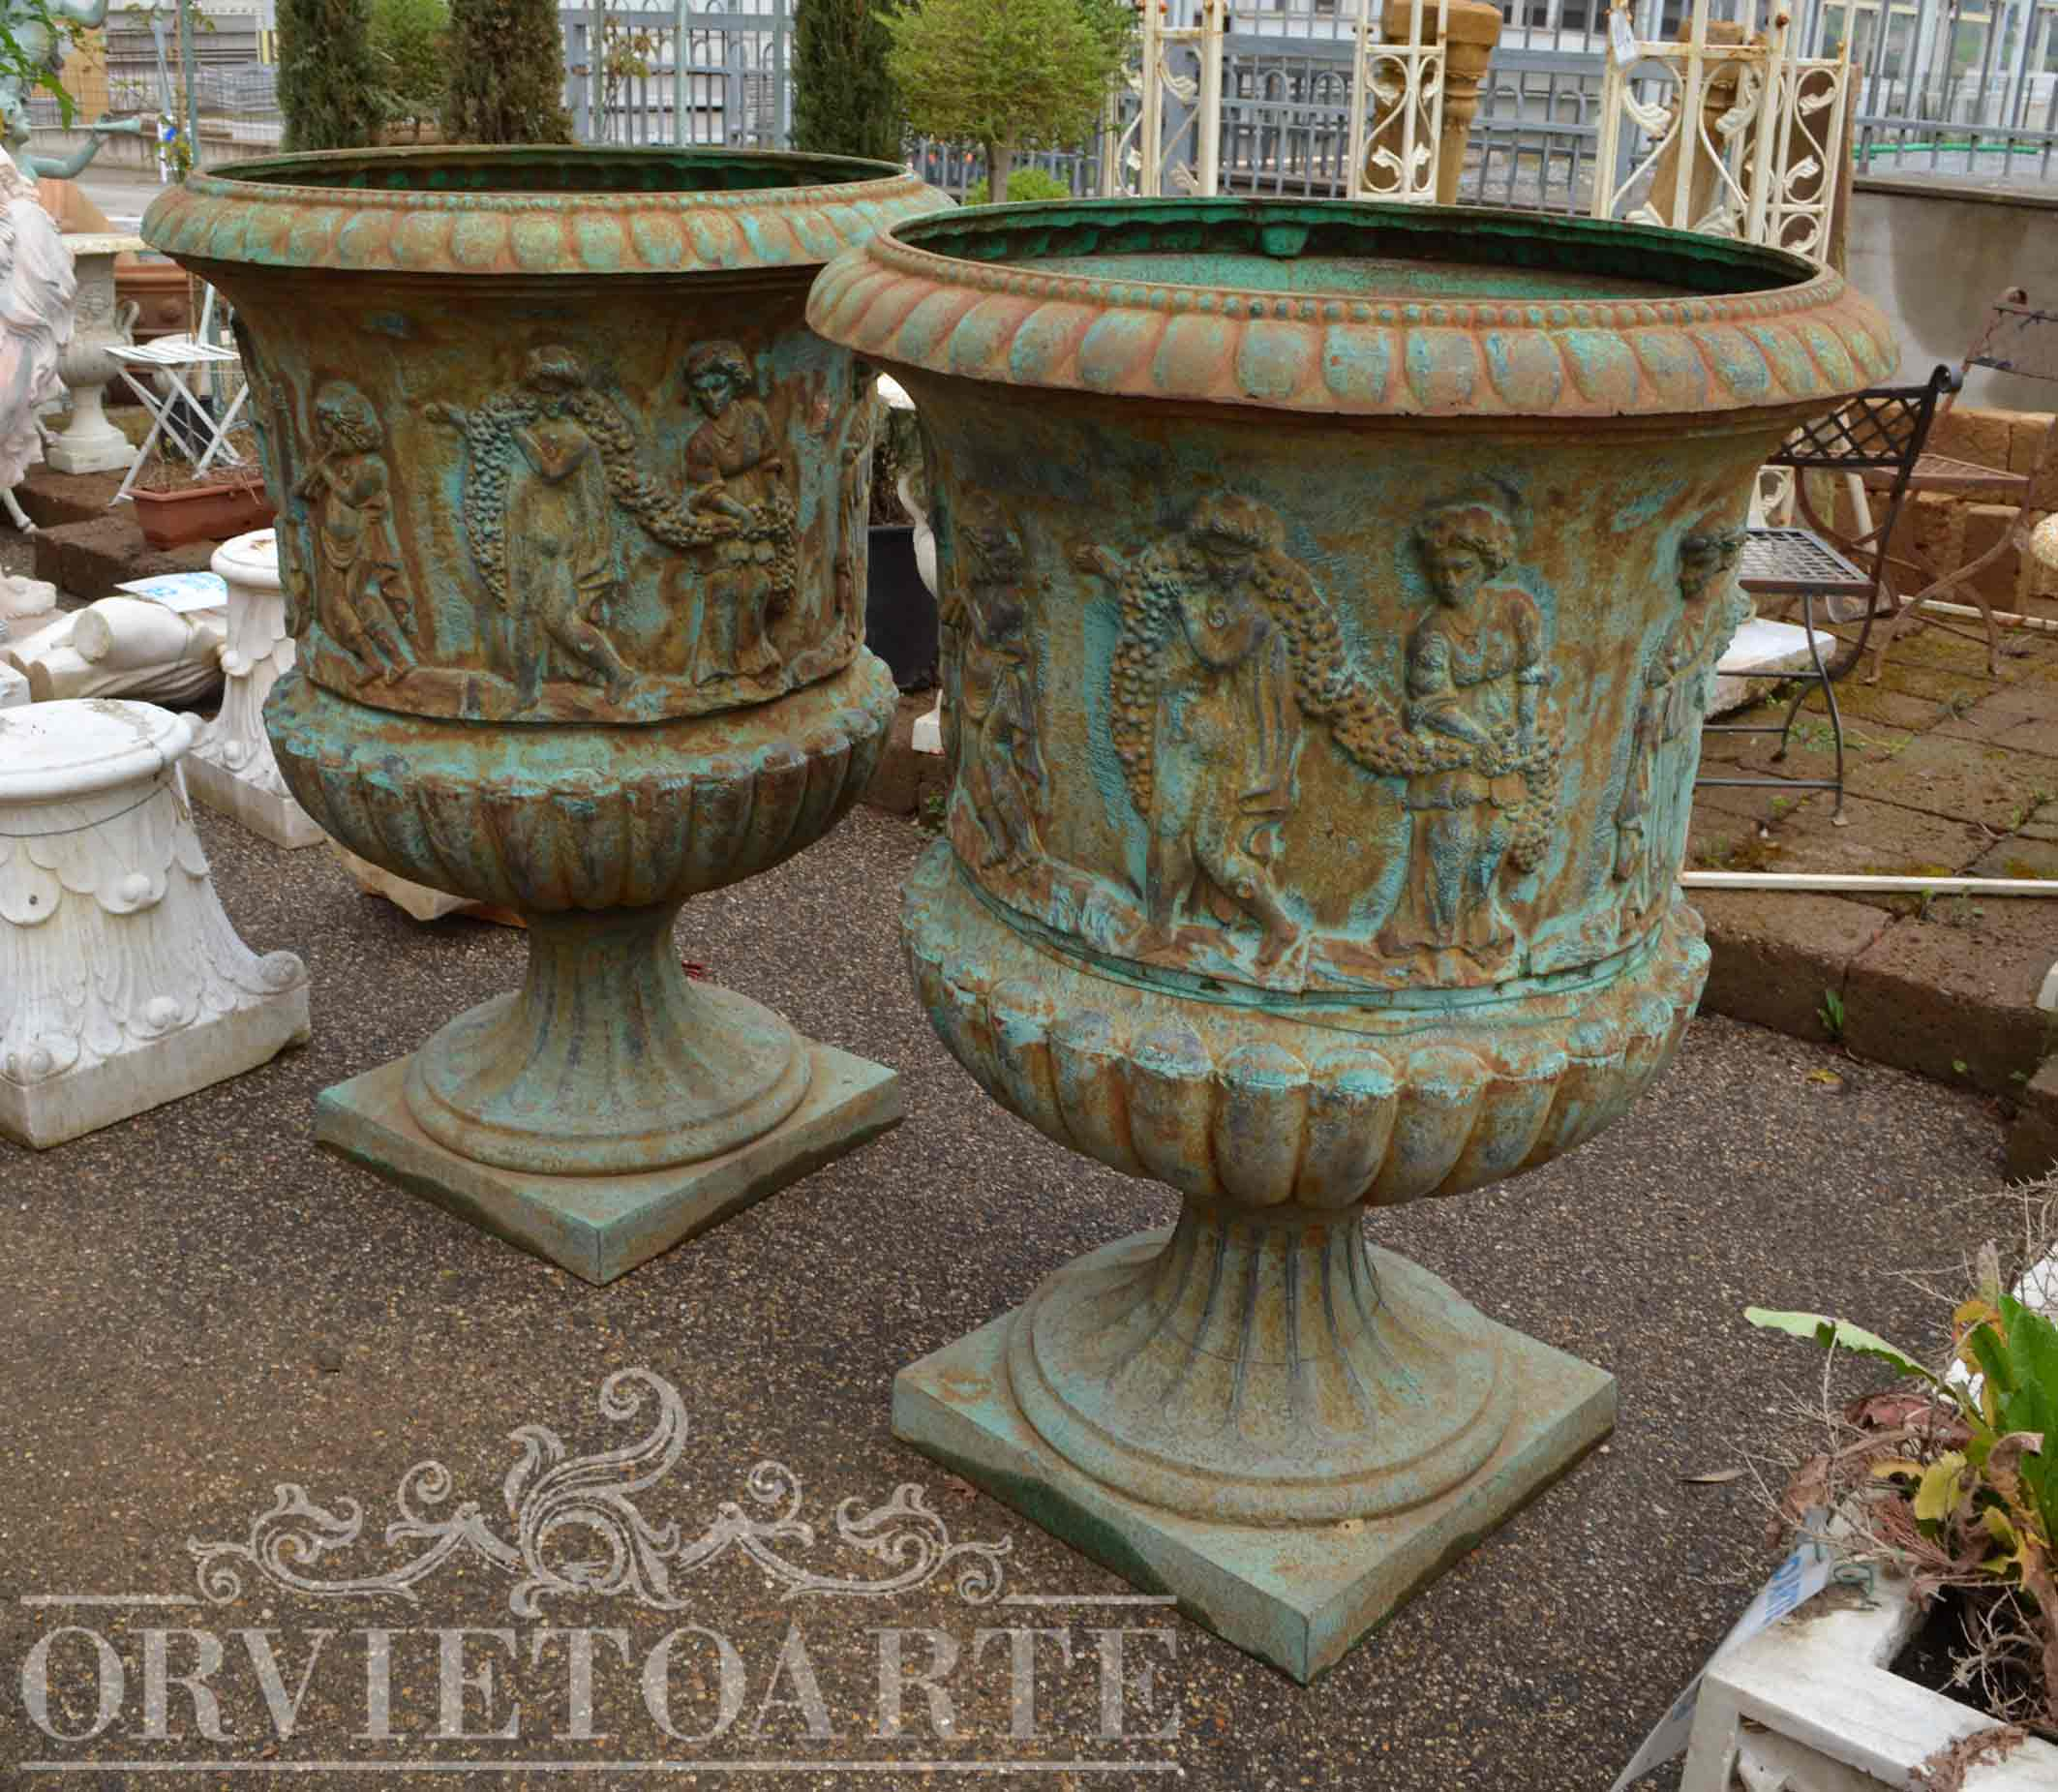 Orvieto arte vaso in ghisa monumentale - Vasi in ceramica da esterno ...